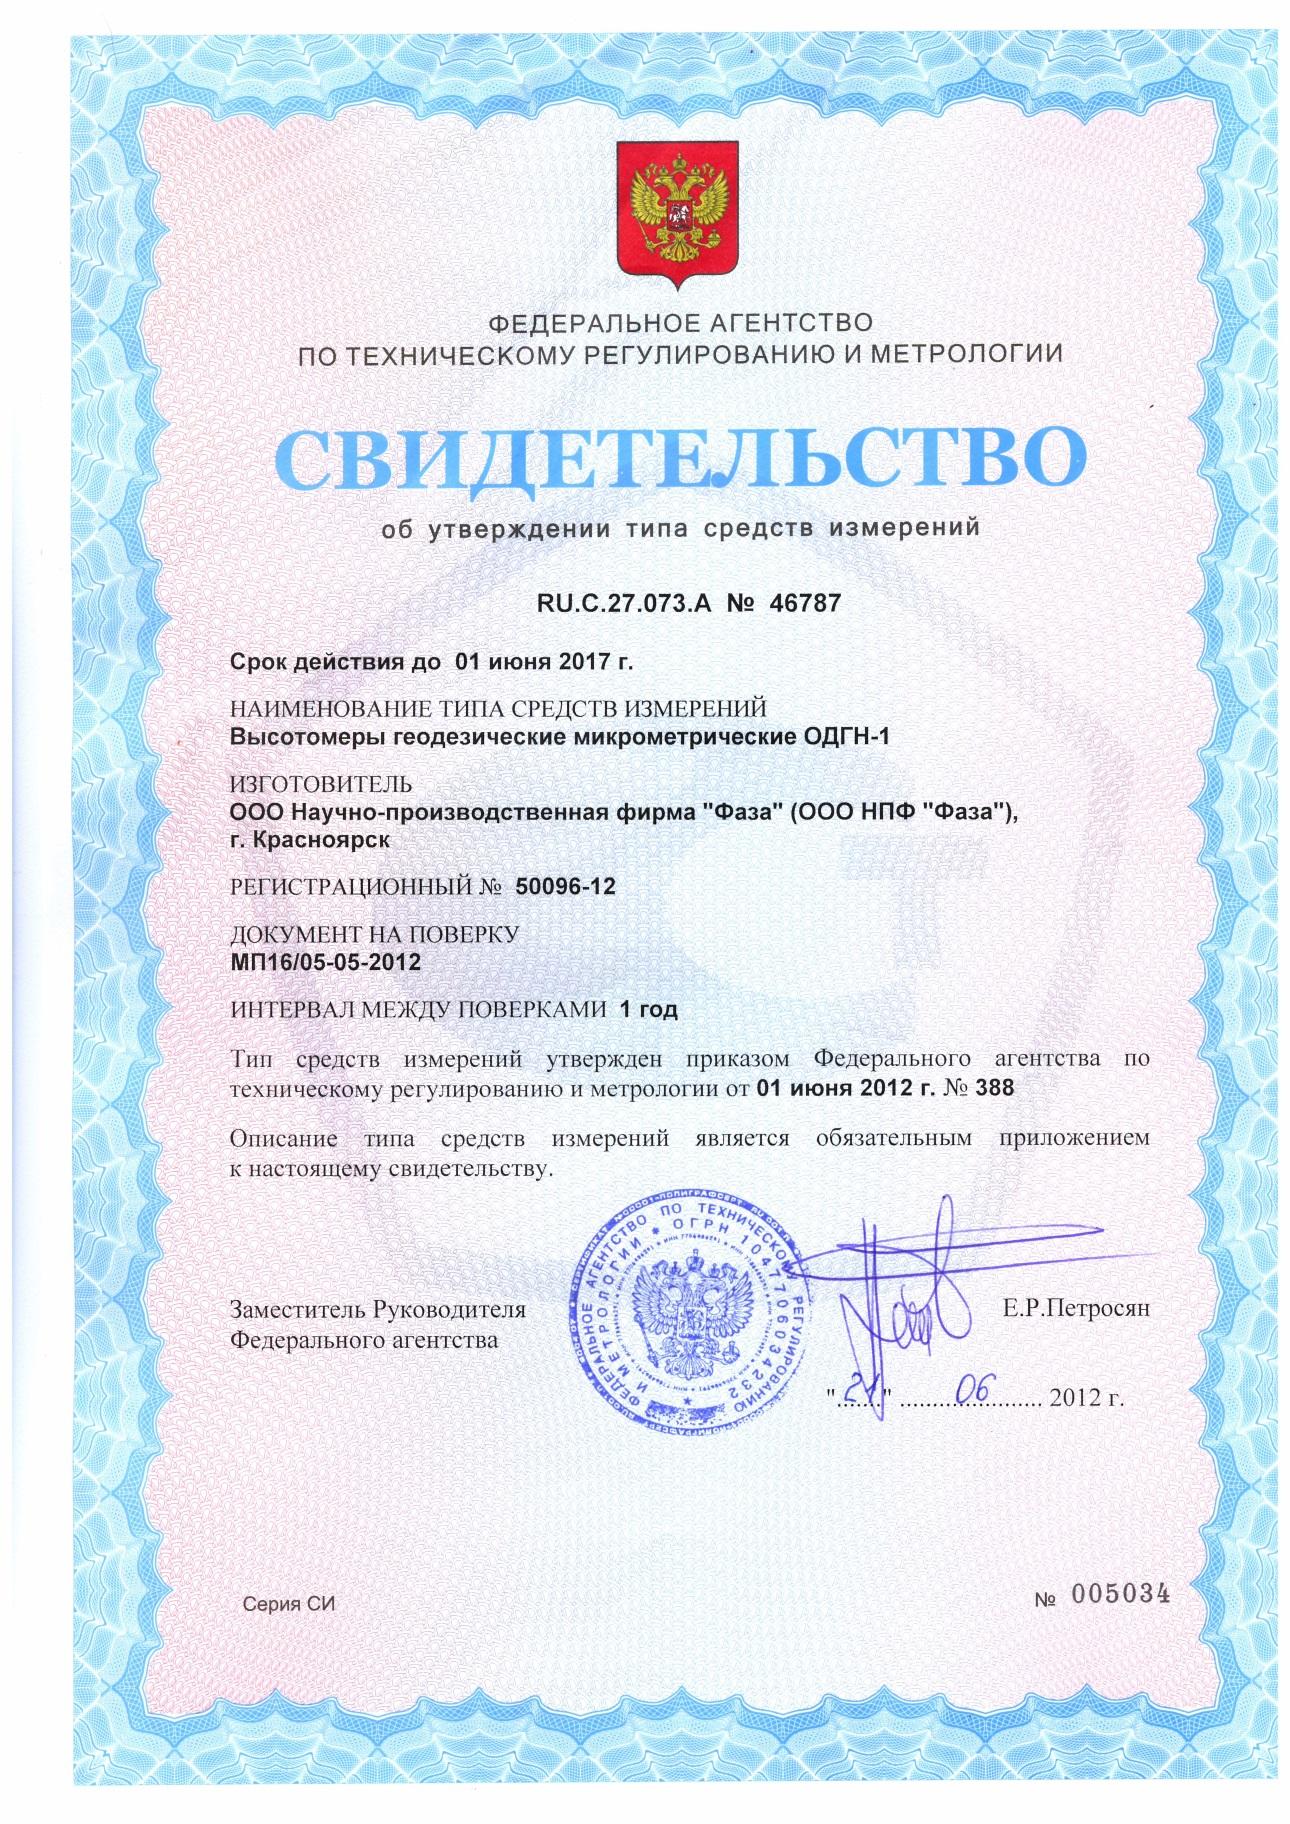 Свидетельство об утверждении типа средств измерений прибора ОДГН-1